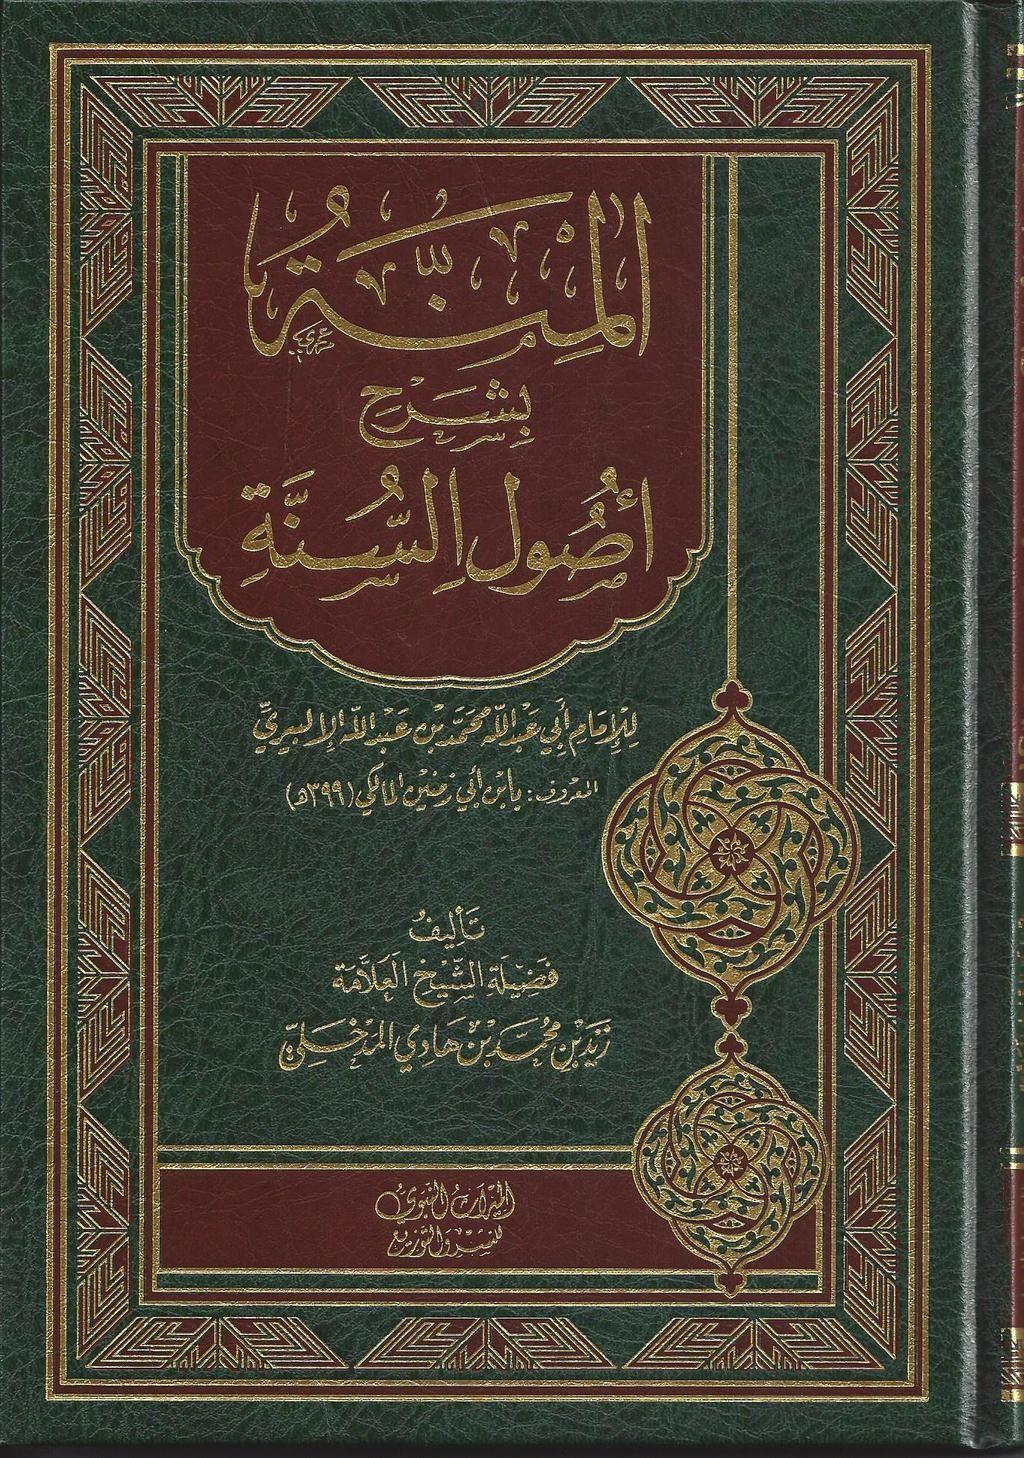 مكتبة دار الأترجة ميراث الأنبياء On Twitter Arabic Books Free Ebooks Pdf Arabic Lessons